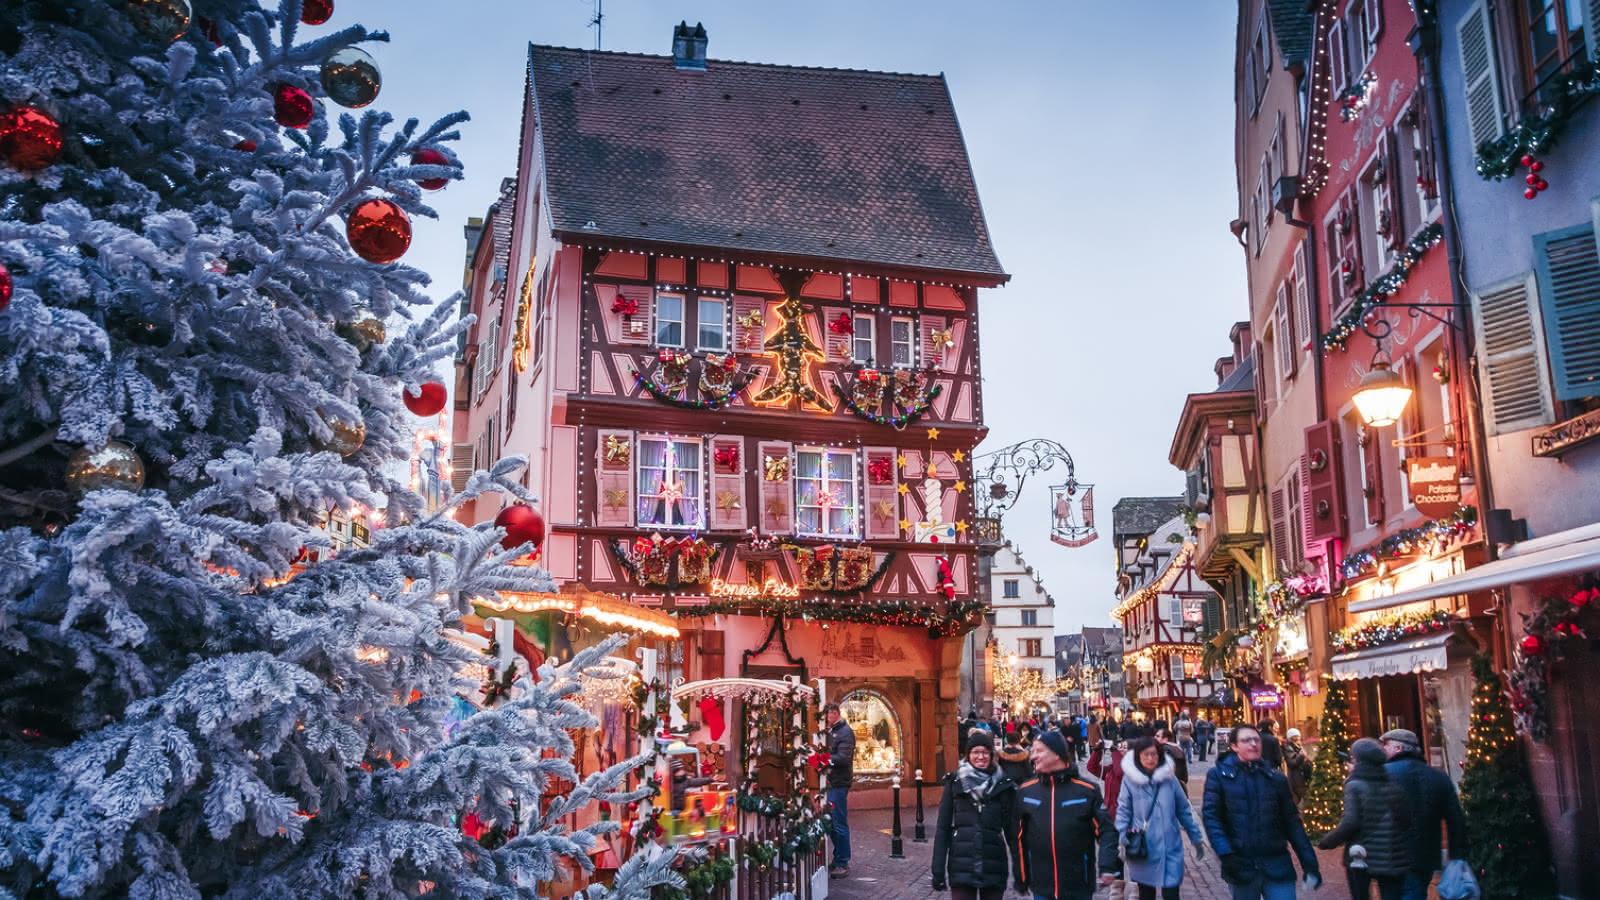 Image De Noel En Alsace.Vivre La Magie De Noel En Alsace Visit Alsace